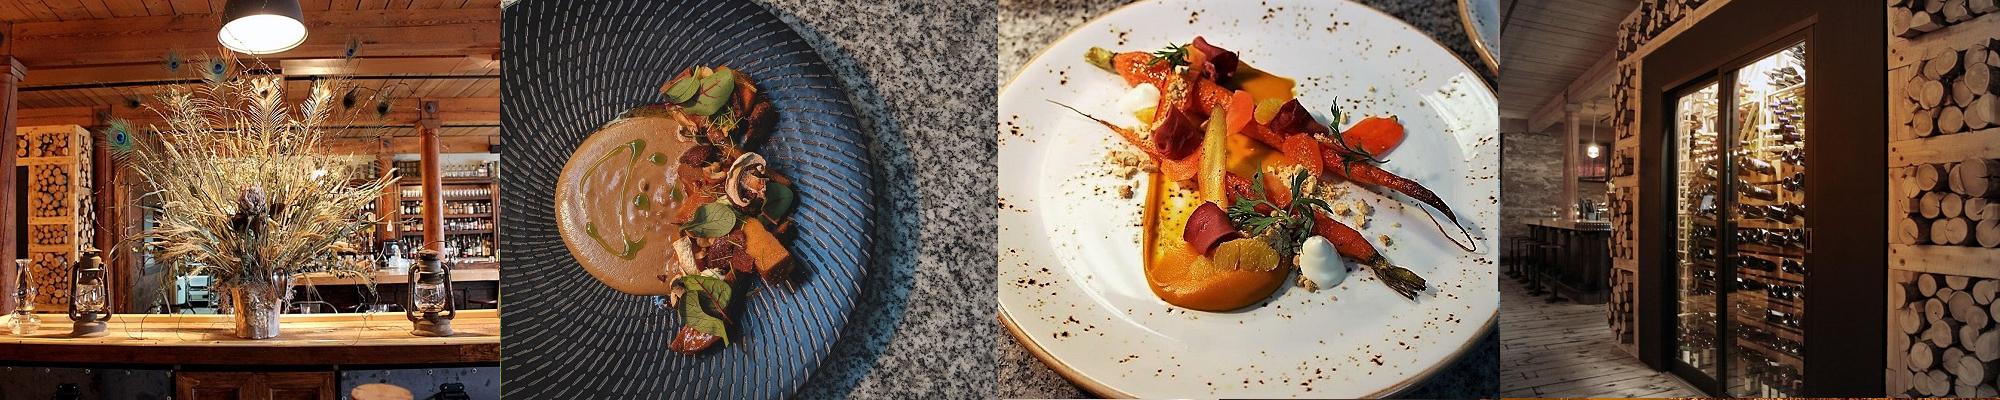 Antidote FoodLab ,oenotourisme ,restaurant ,bistronomique ,grandes tables ,Cantons de l'Est ,Sélection Vindici ,Sud du Québec ,